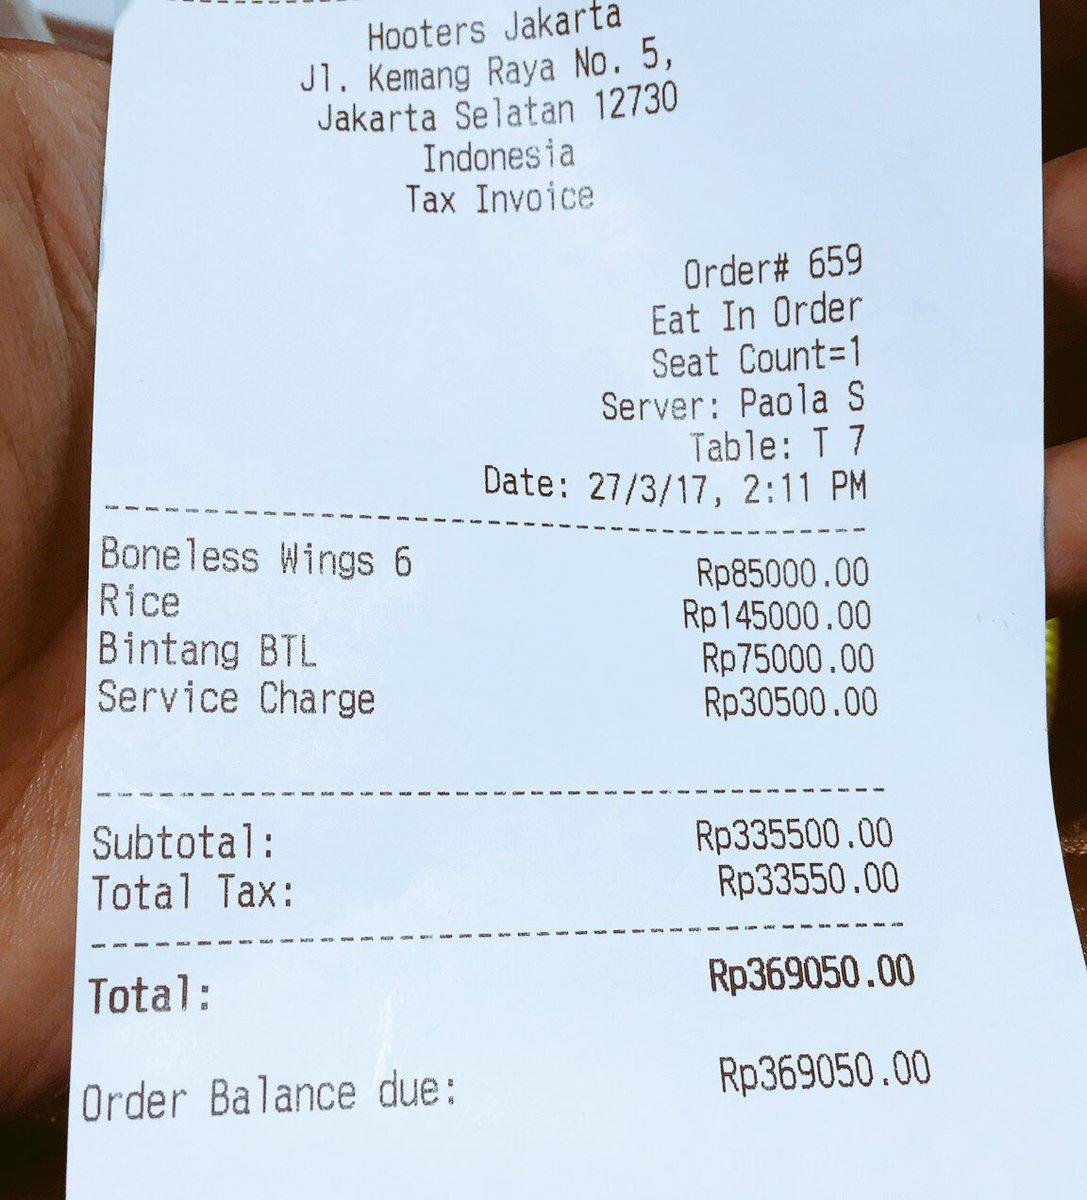 Buat yg makan di hooters Jakarta. Jangan lupa double check billnya. Look at the price of the rice